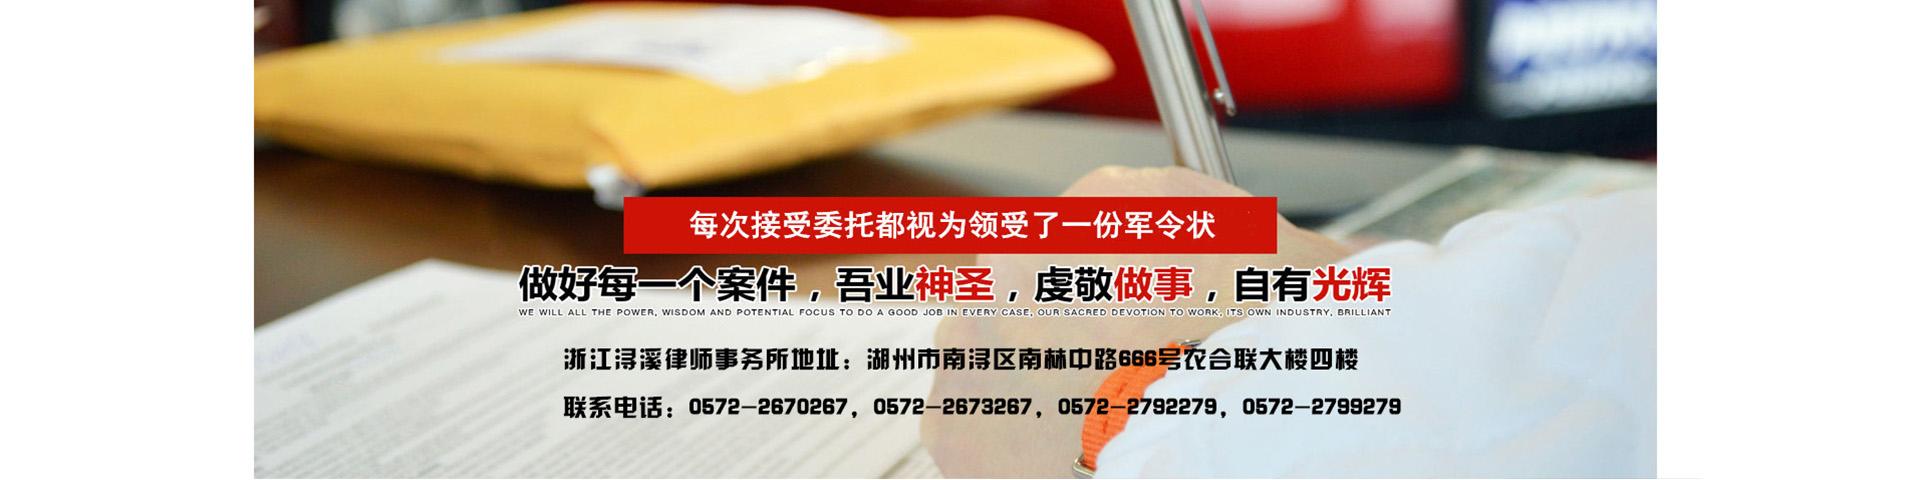 浙江浔溪律师事务所